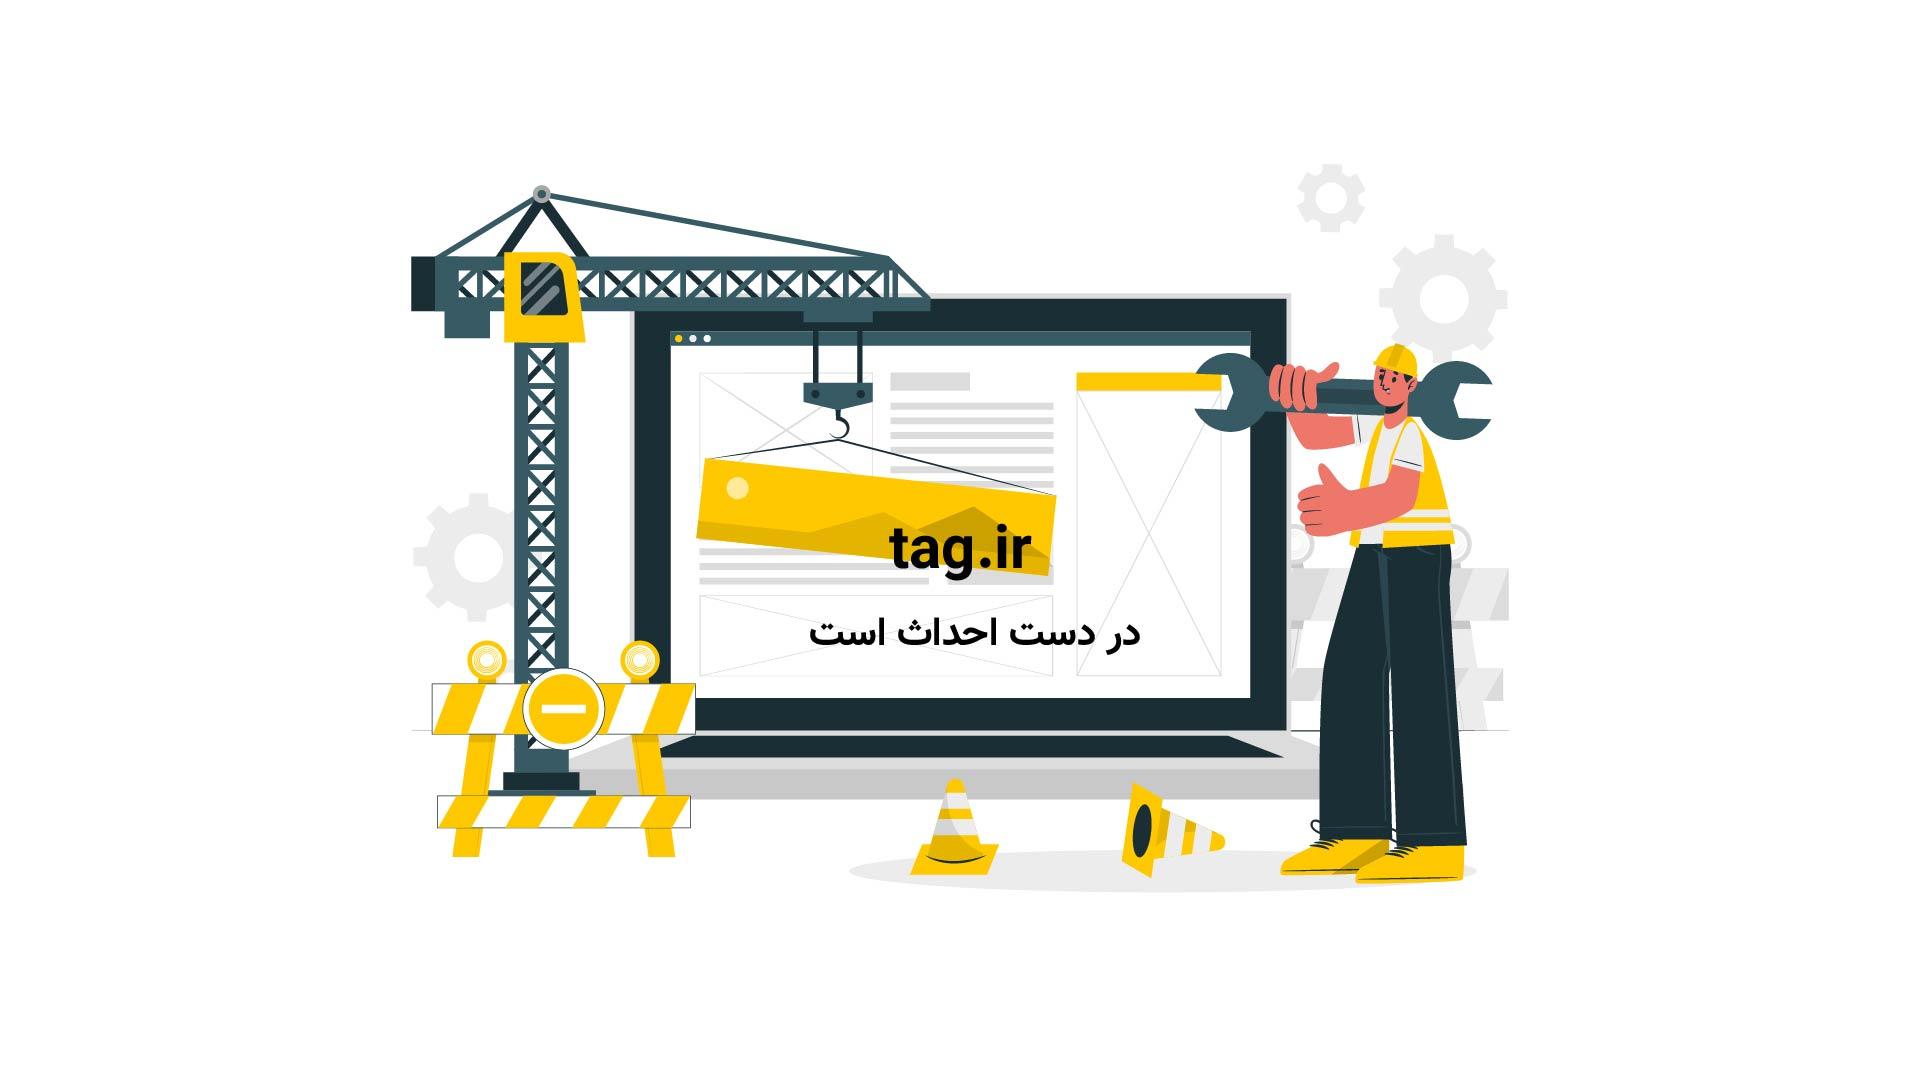 لوئیس همیلتون در مکزیک هم پول پوزیشن را بدست آورد   فیلم